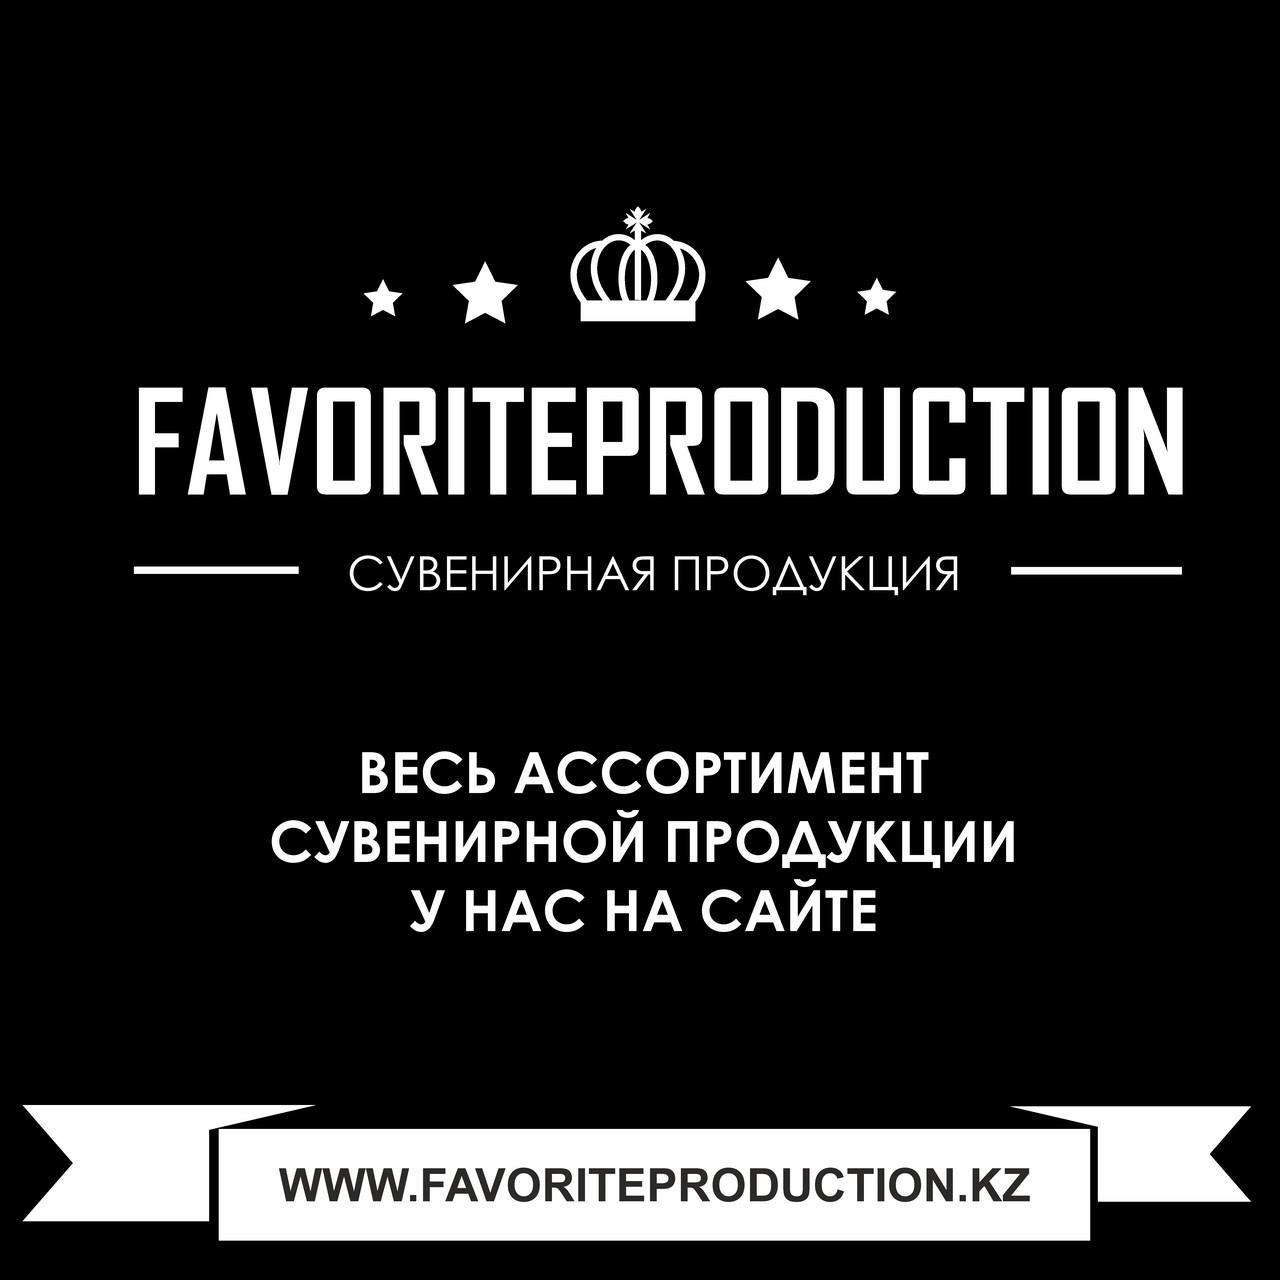 Сувенирная продукция с логотипом в Алматы